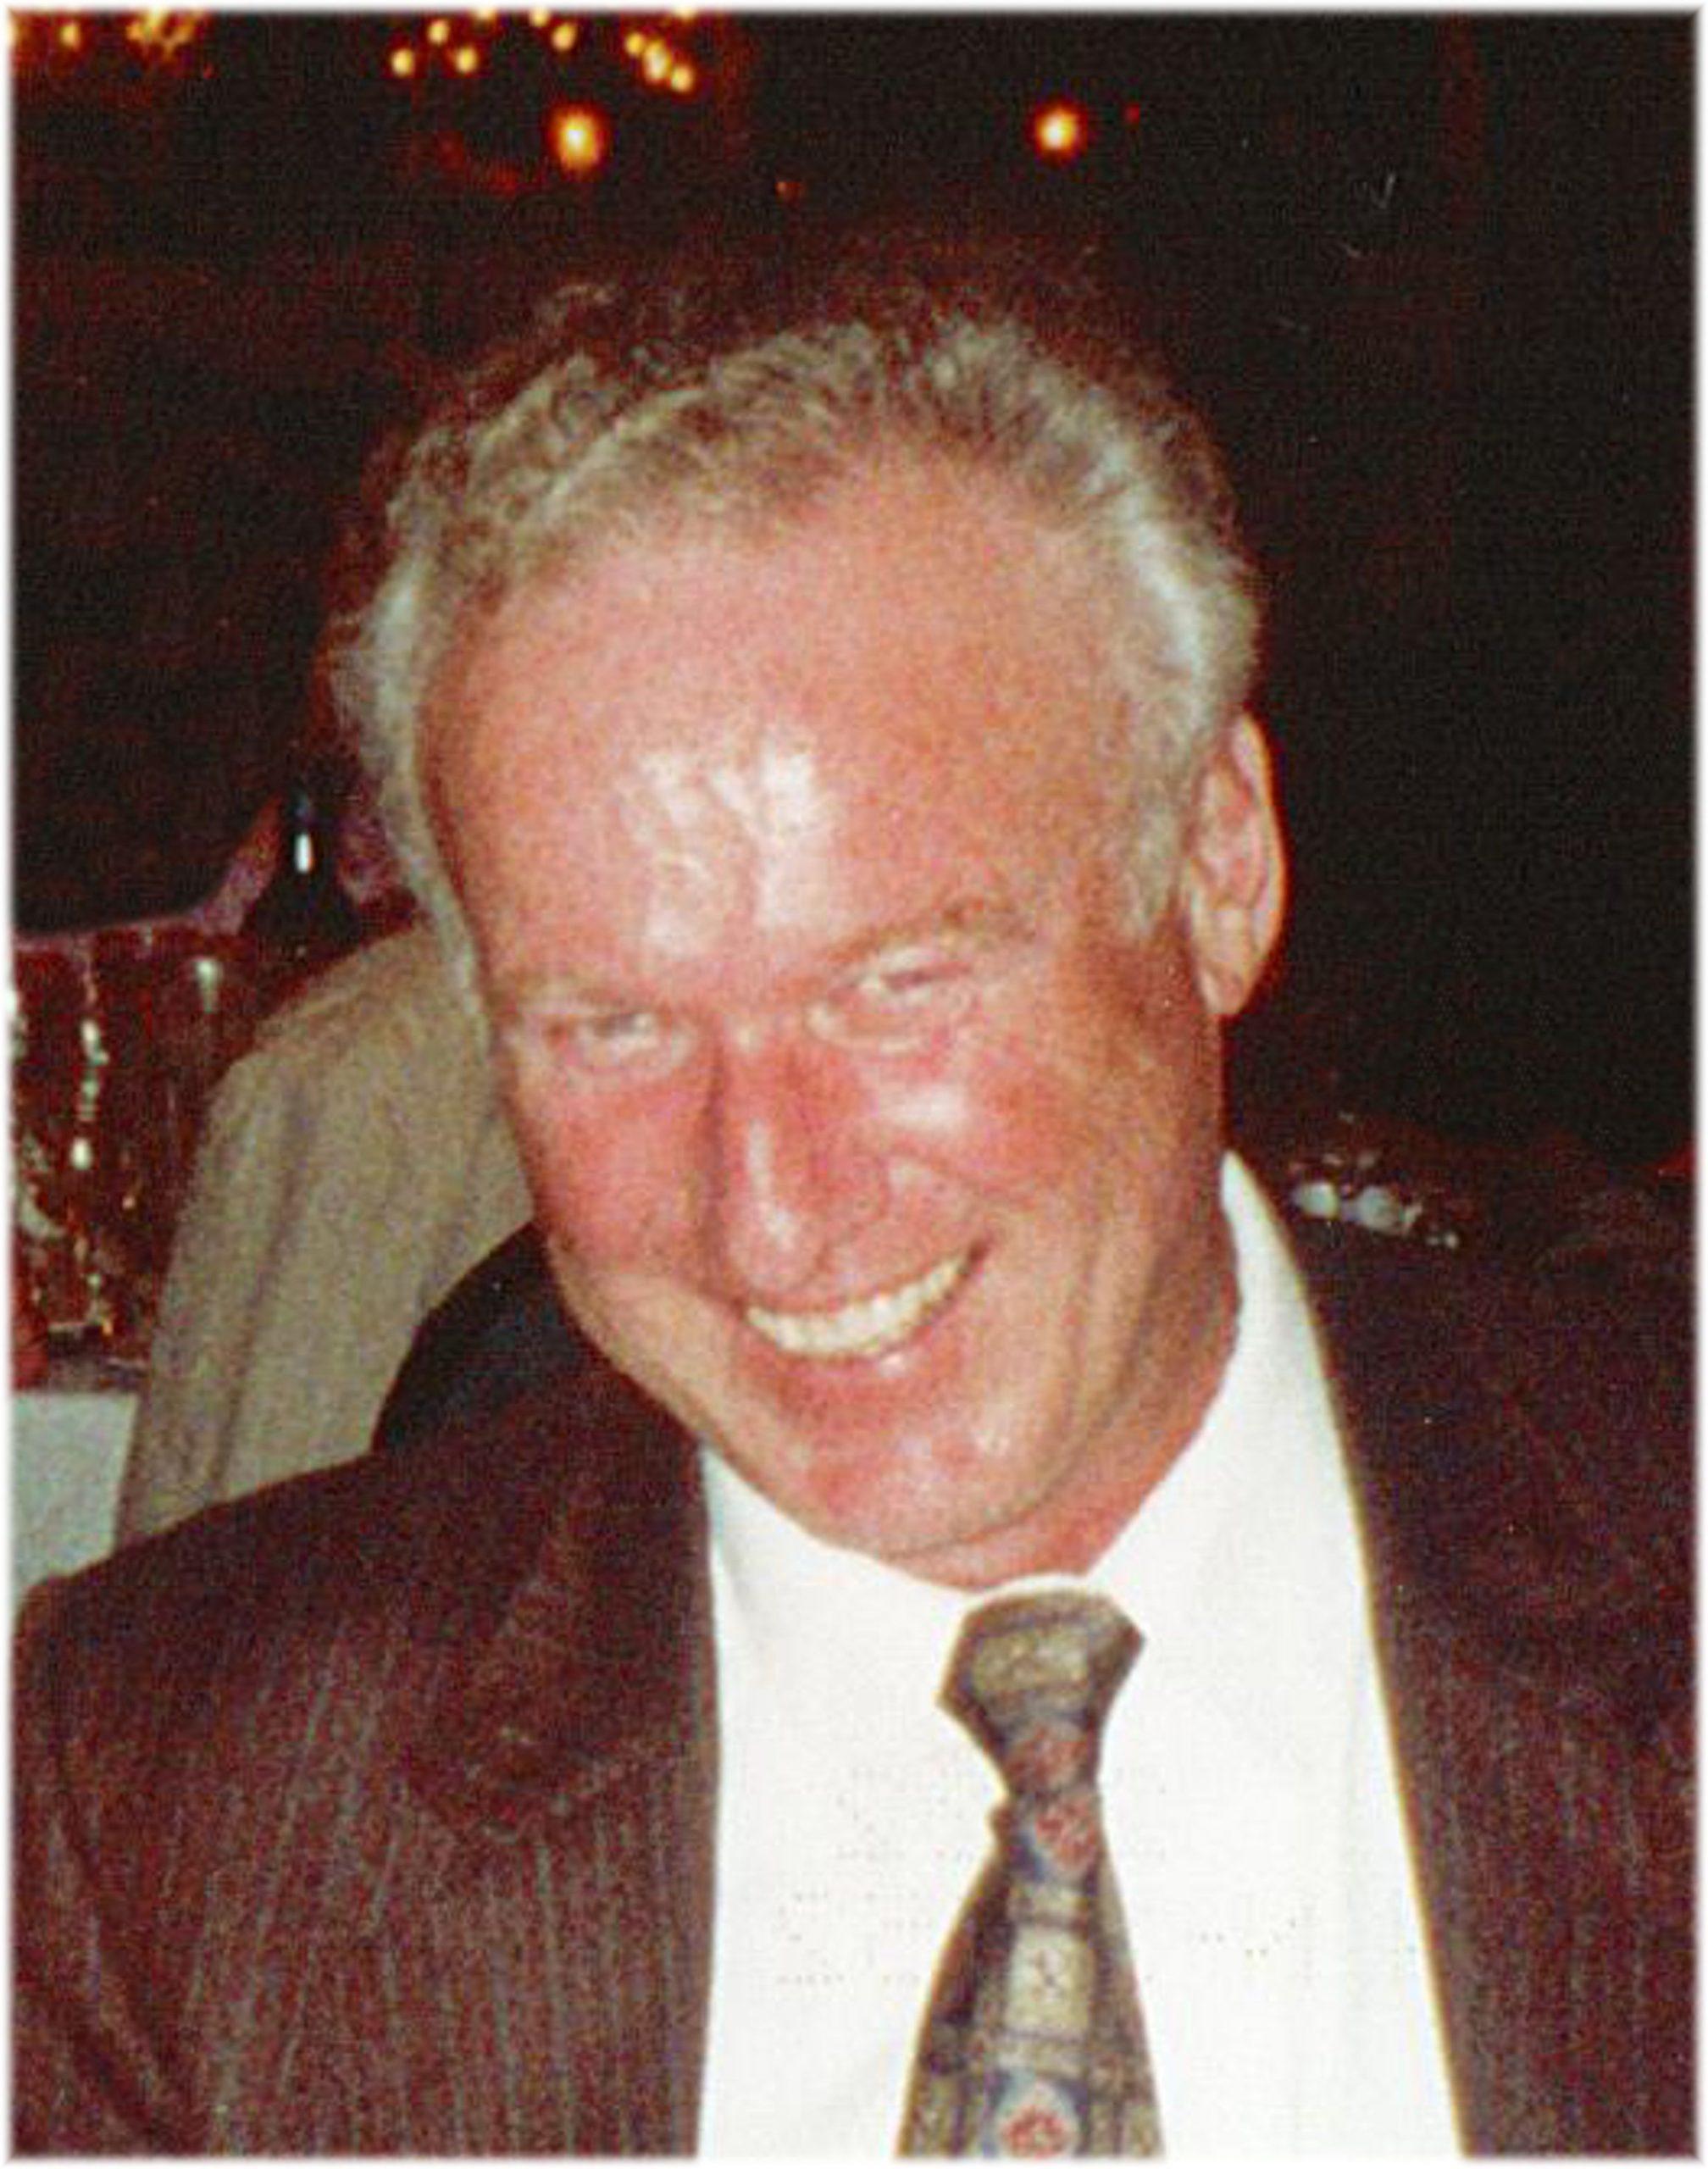 William G. (Bill) Elliott